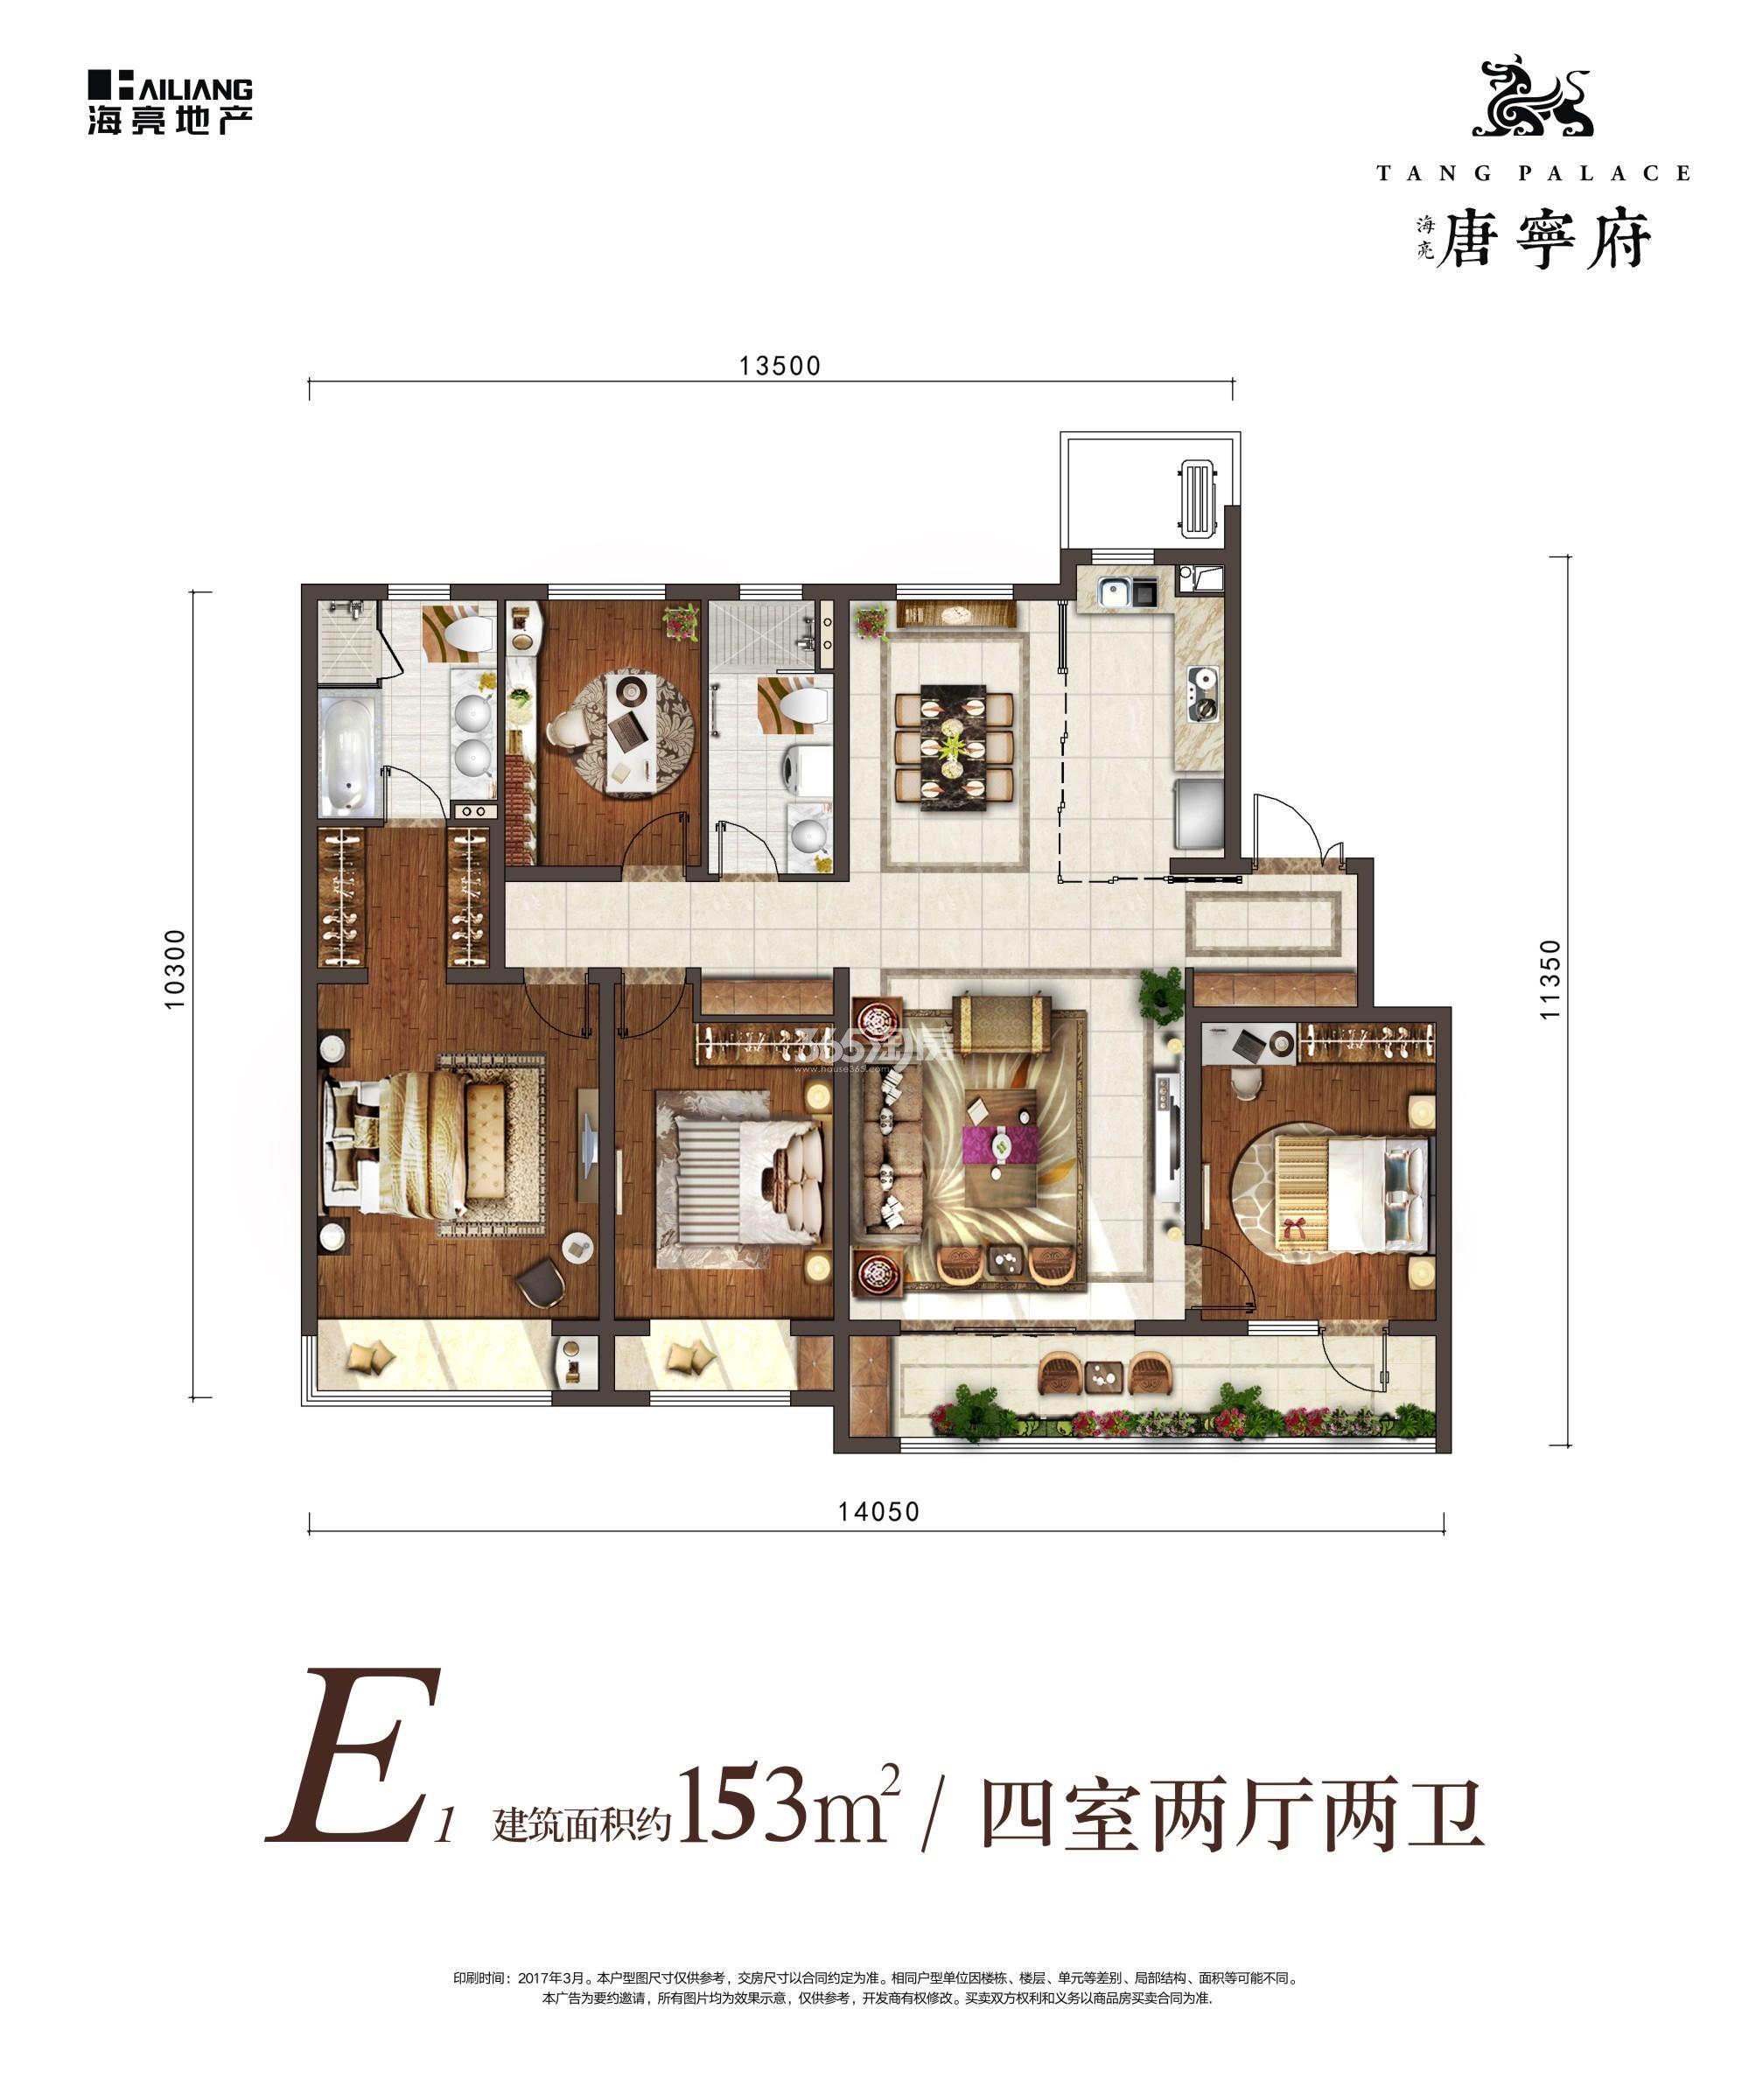 海亮唐寧府E户型三室两厅一厨两卫153平米